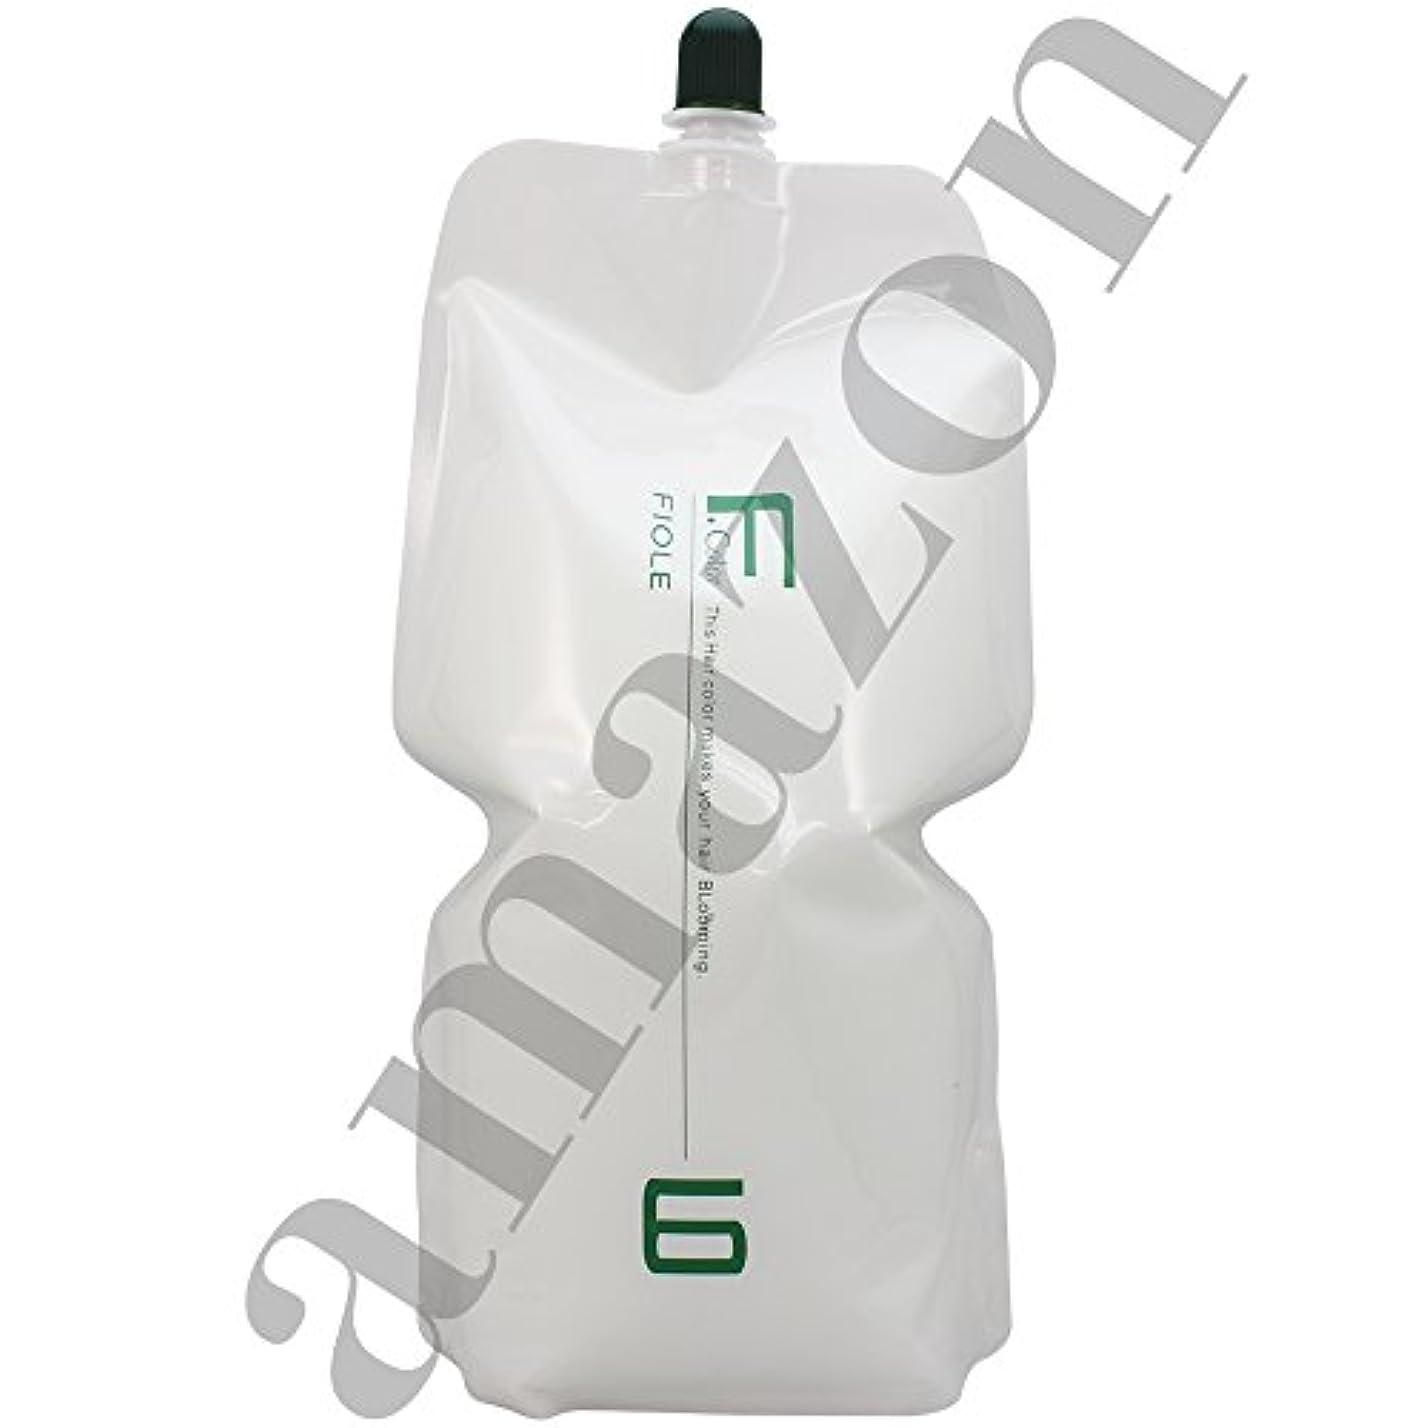 補正サンドイッチヒステリックフィヨーレ BLカラー OX 2000ml 染毛補助剤 第2剤 パウチ (OX6%)